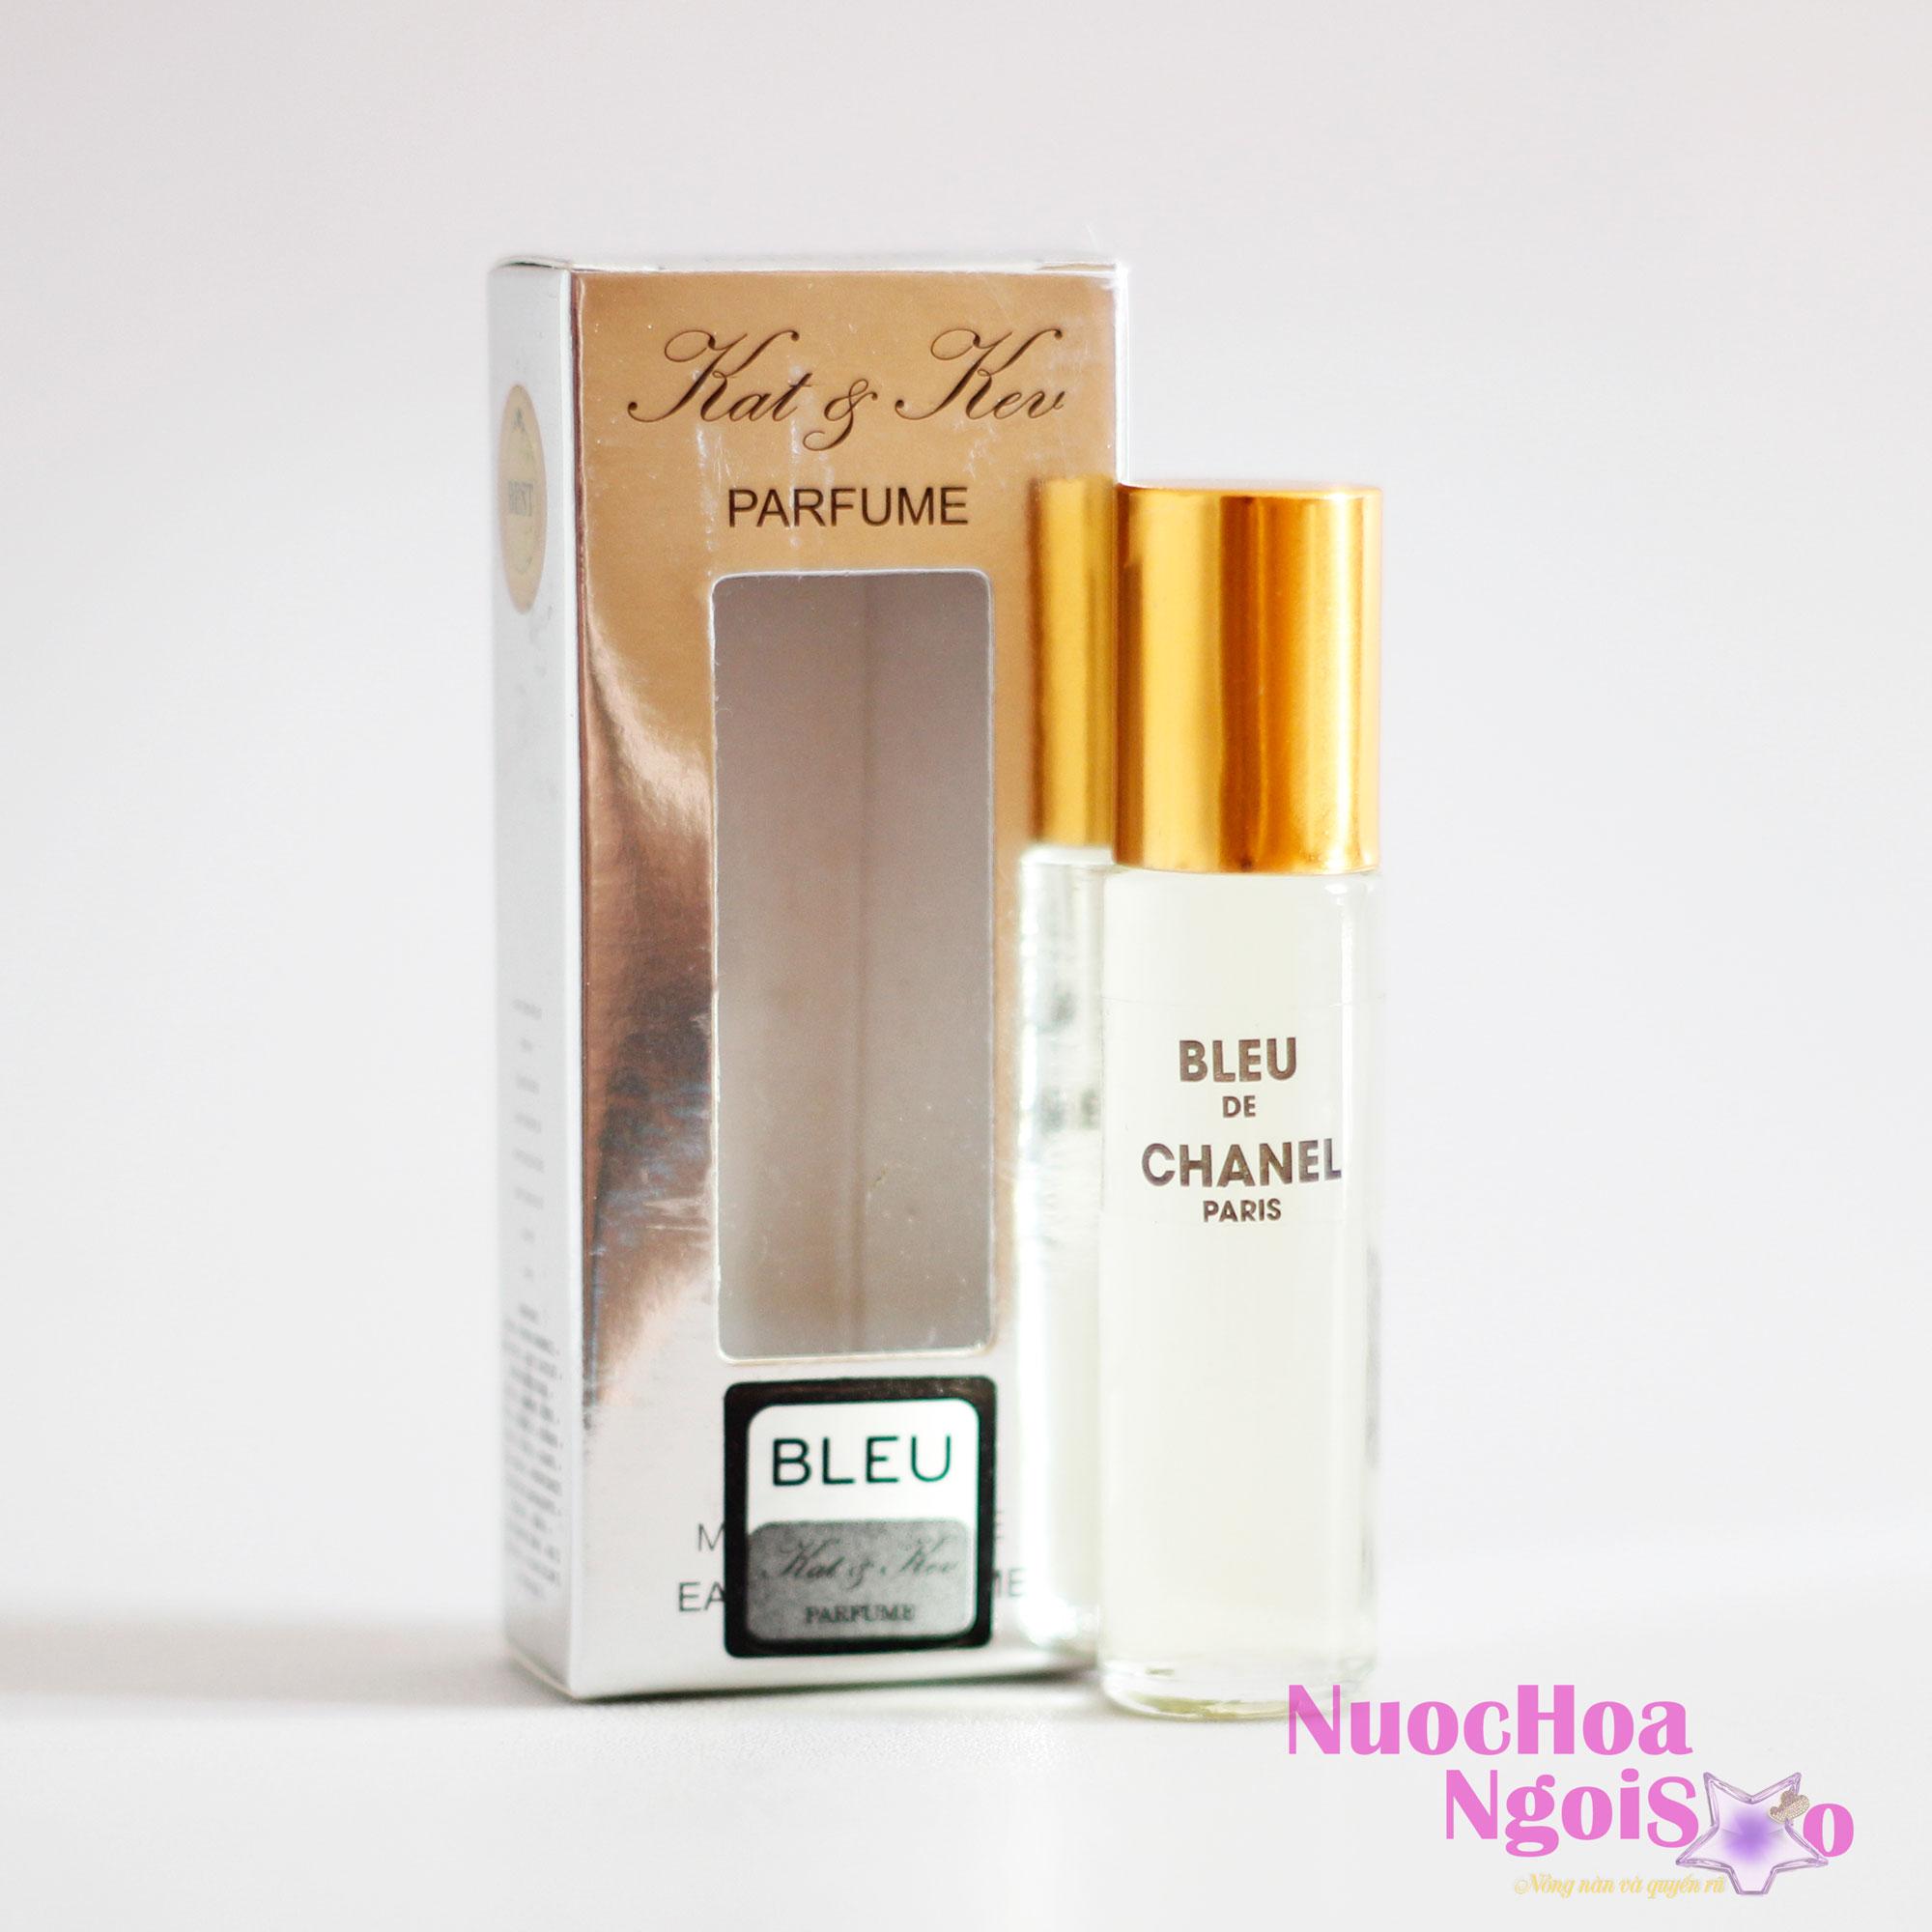 Tinh dầu Nước hoa nam chai lăn Bleu Chanel 10ml